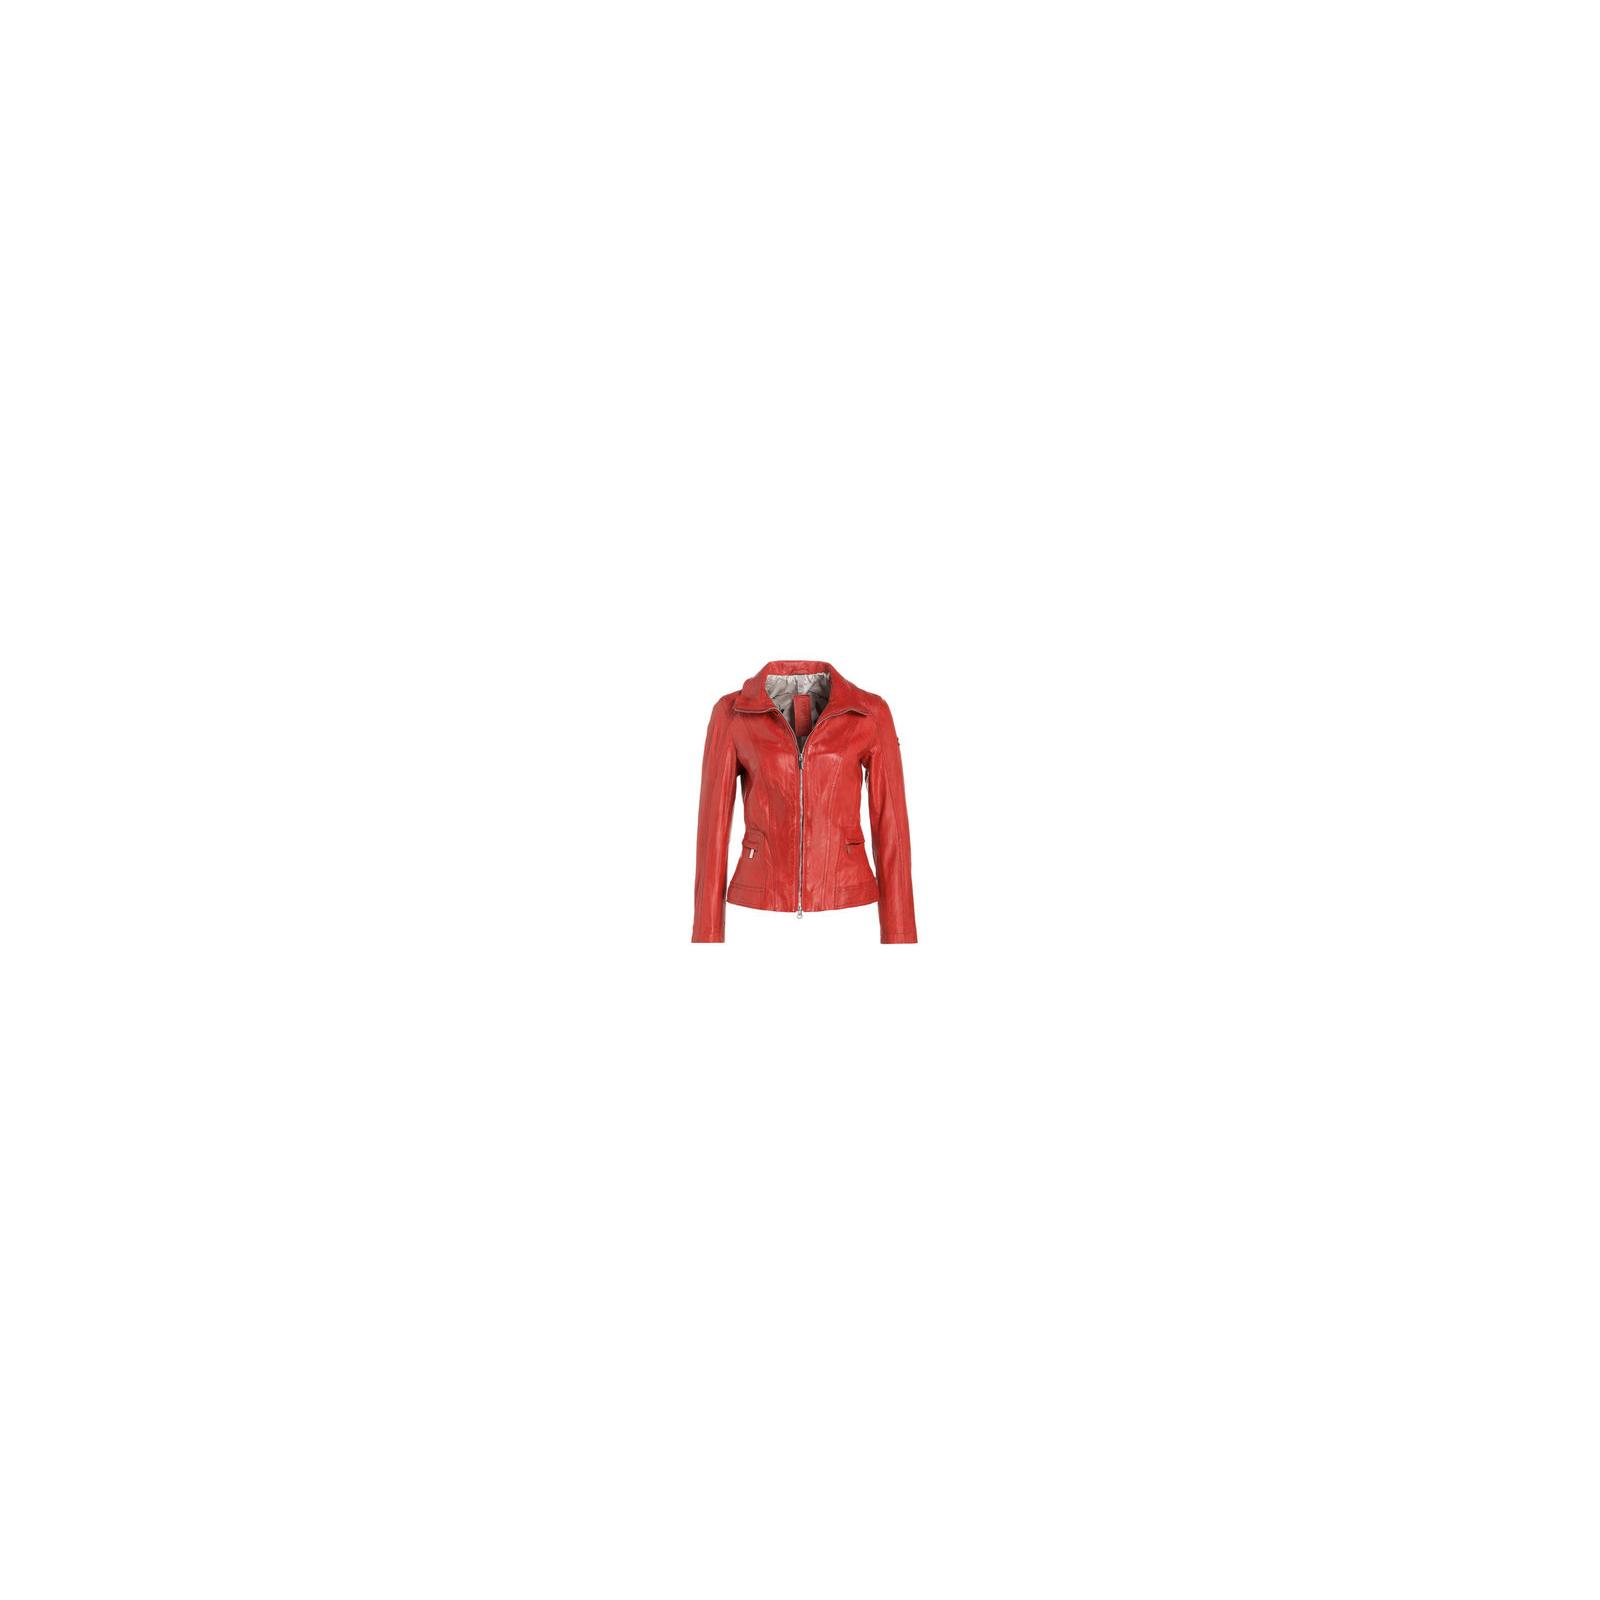 Skórzana czerwona kurtka Milestone r.38